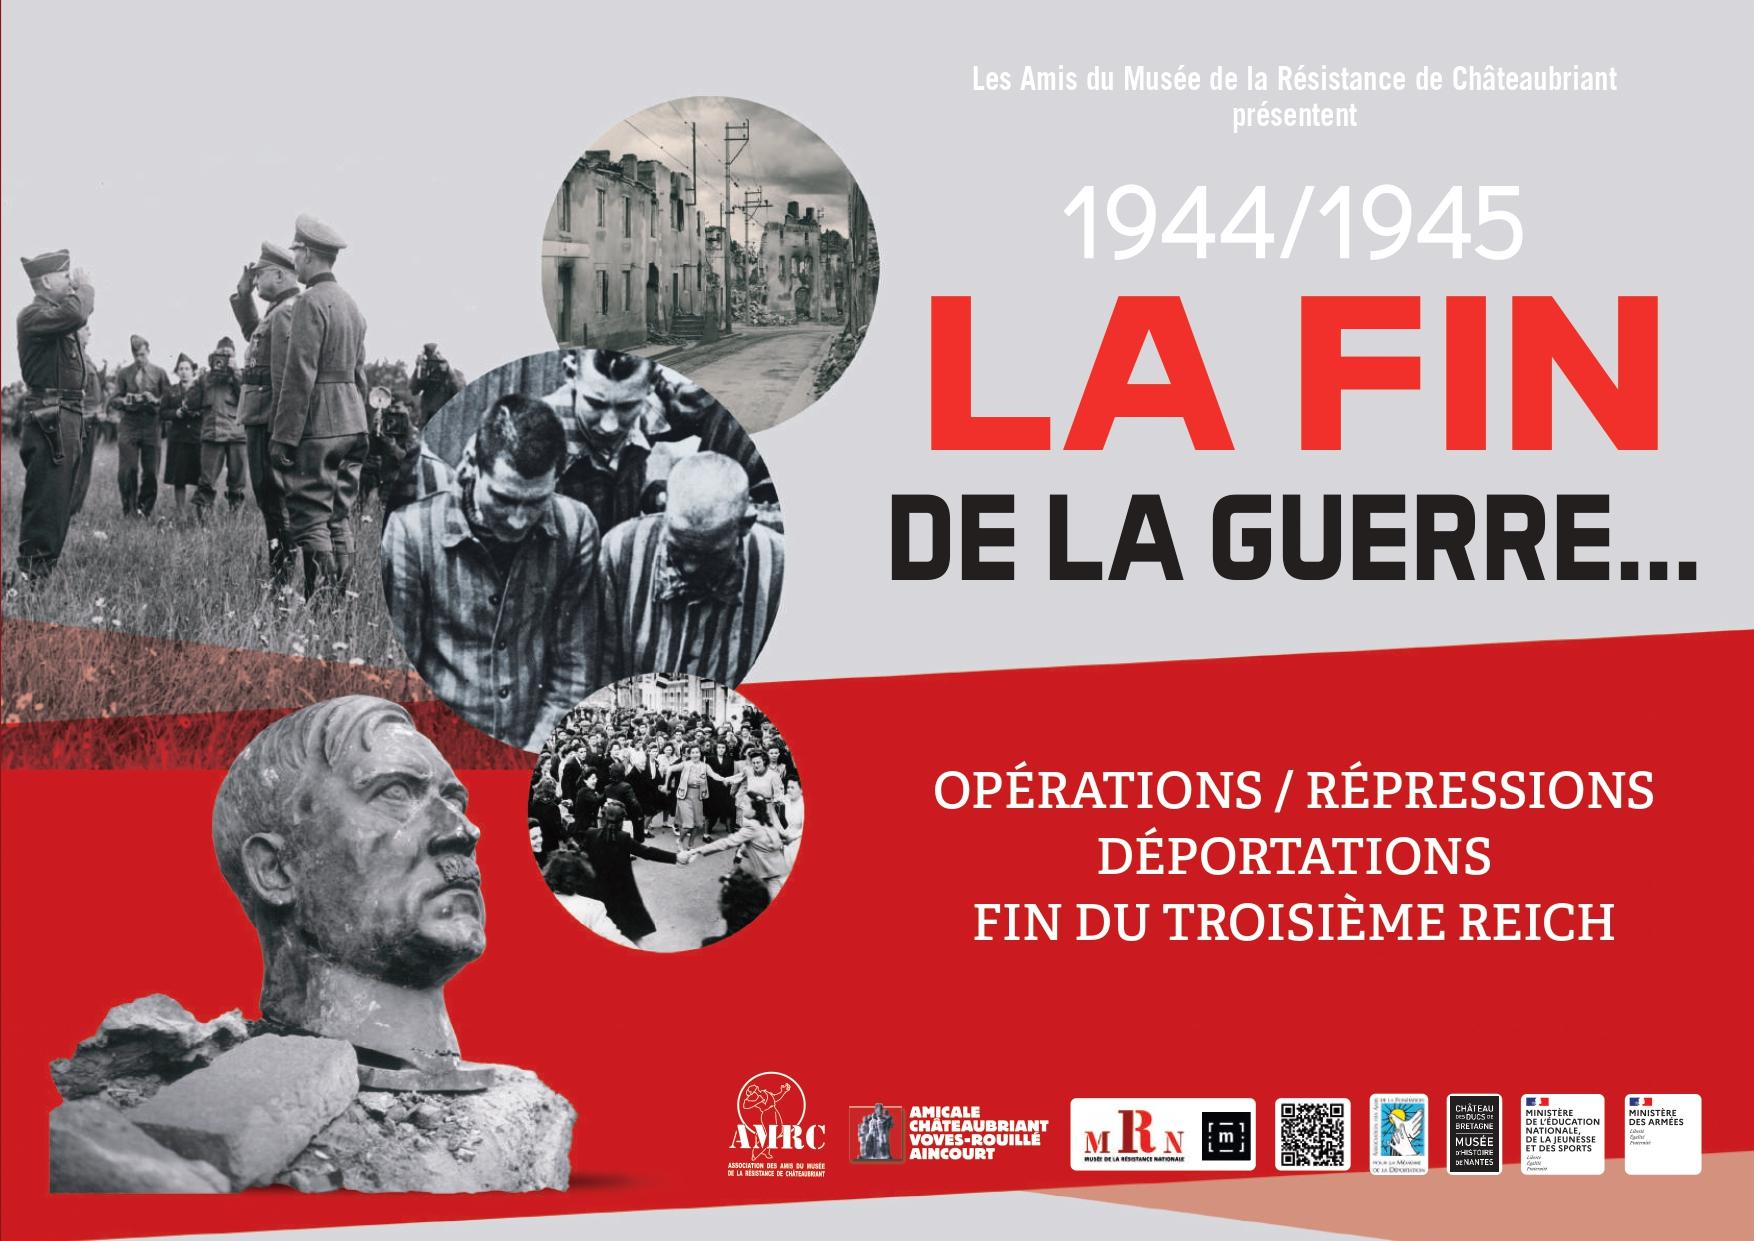 La fin de la guerre : Les opérations, les répressions, les déportations et la fin du 3ème Reich (1944-1945)